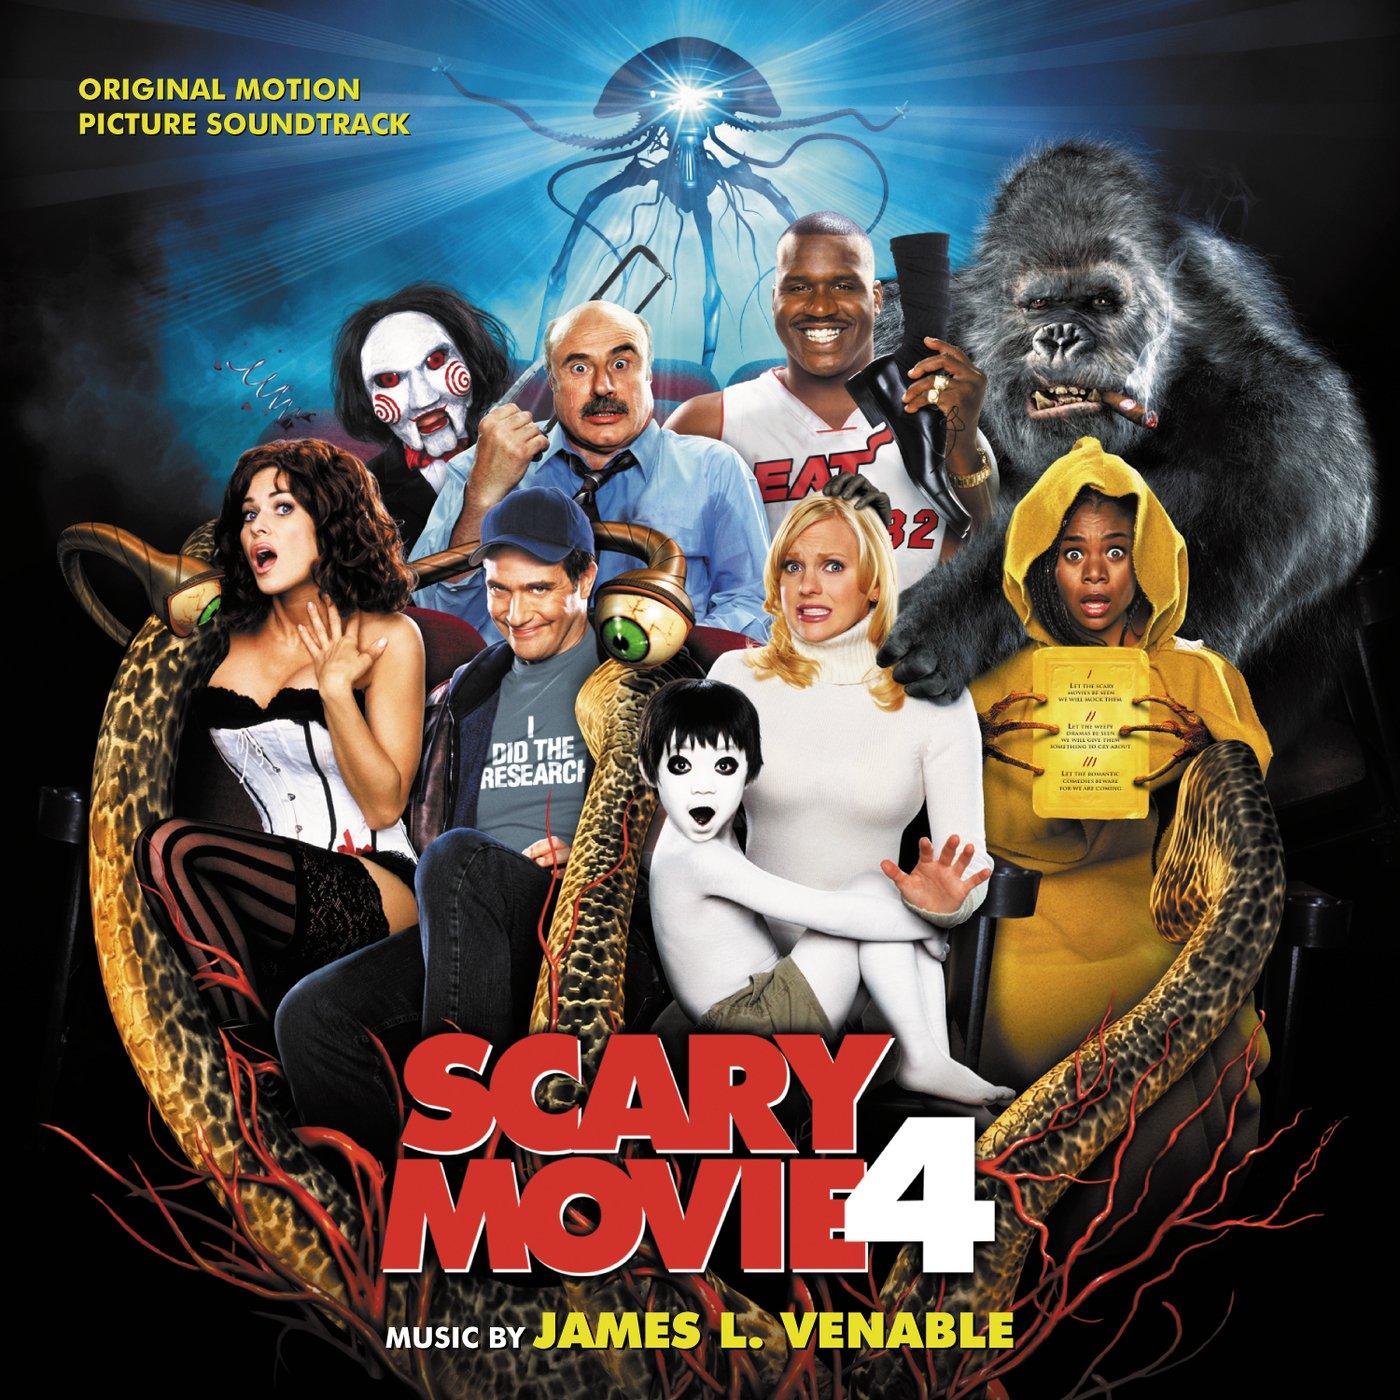 bande originale soundtrack ost score scary movie 4 disney dimension